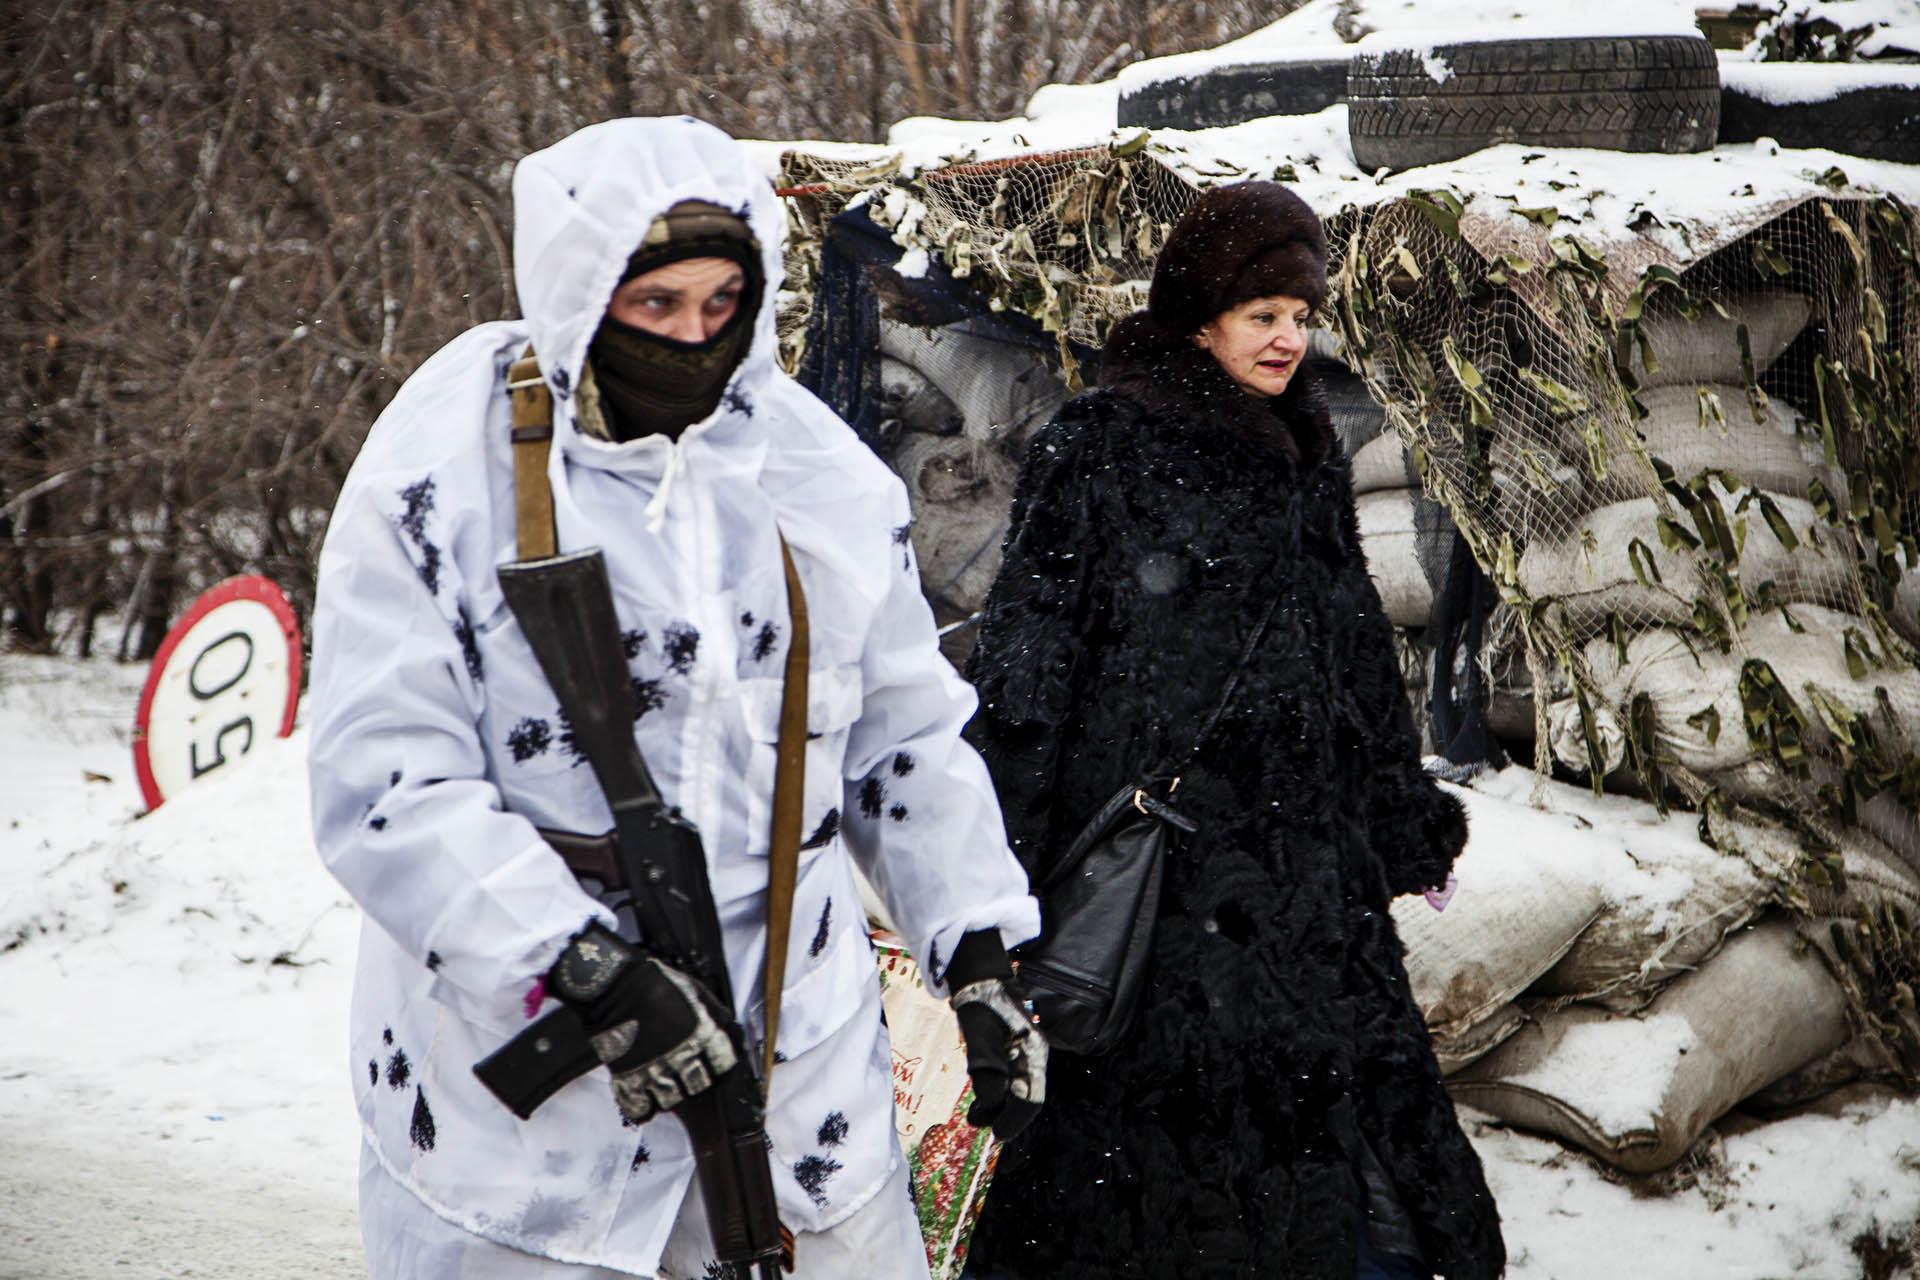 Una mujer cruzando un checkpoint militar.